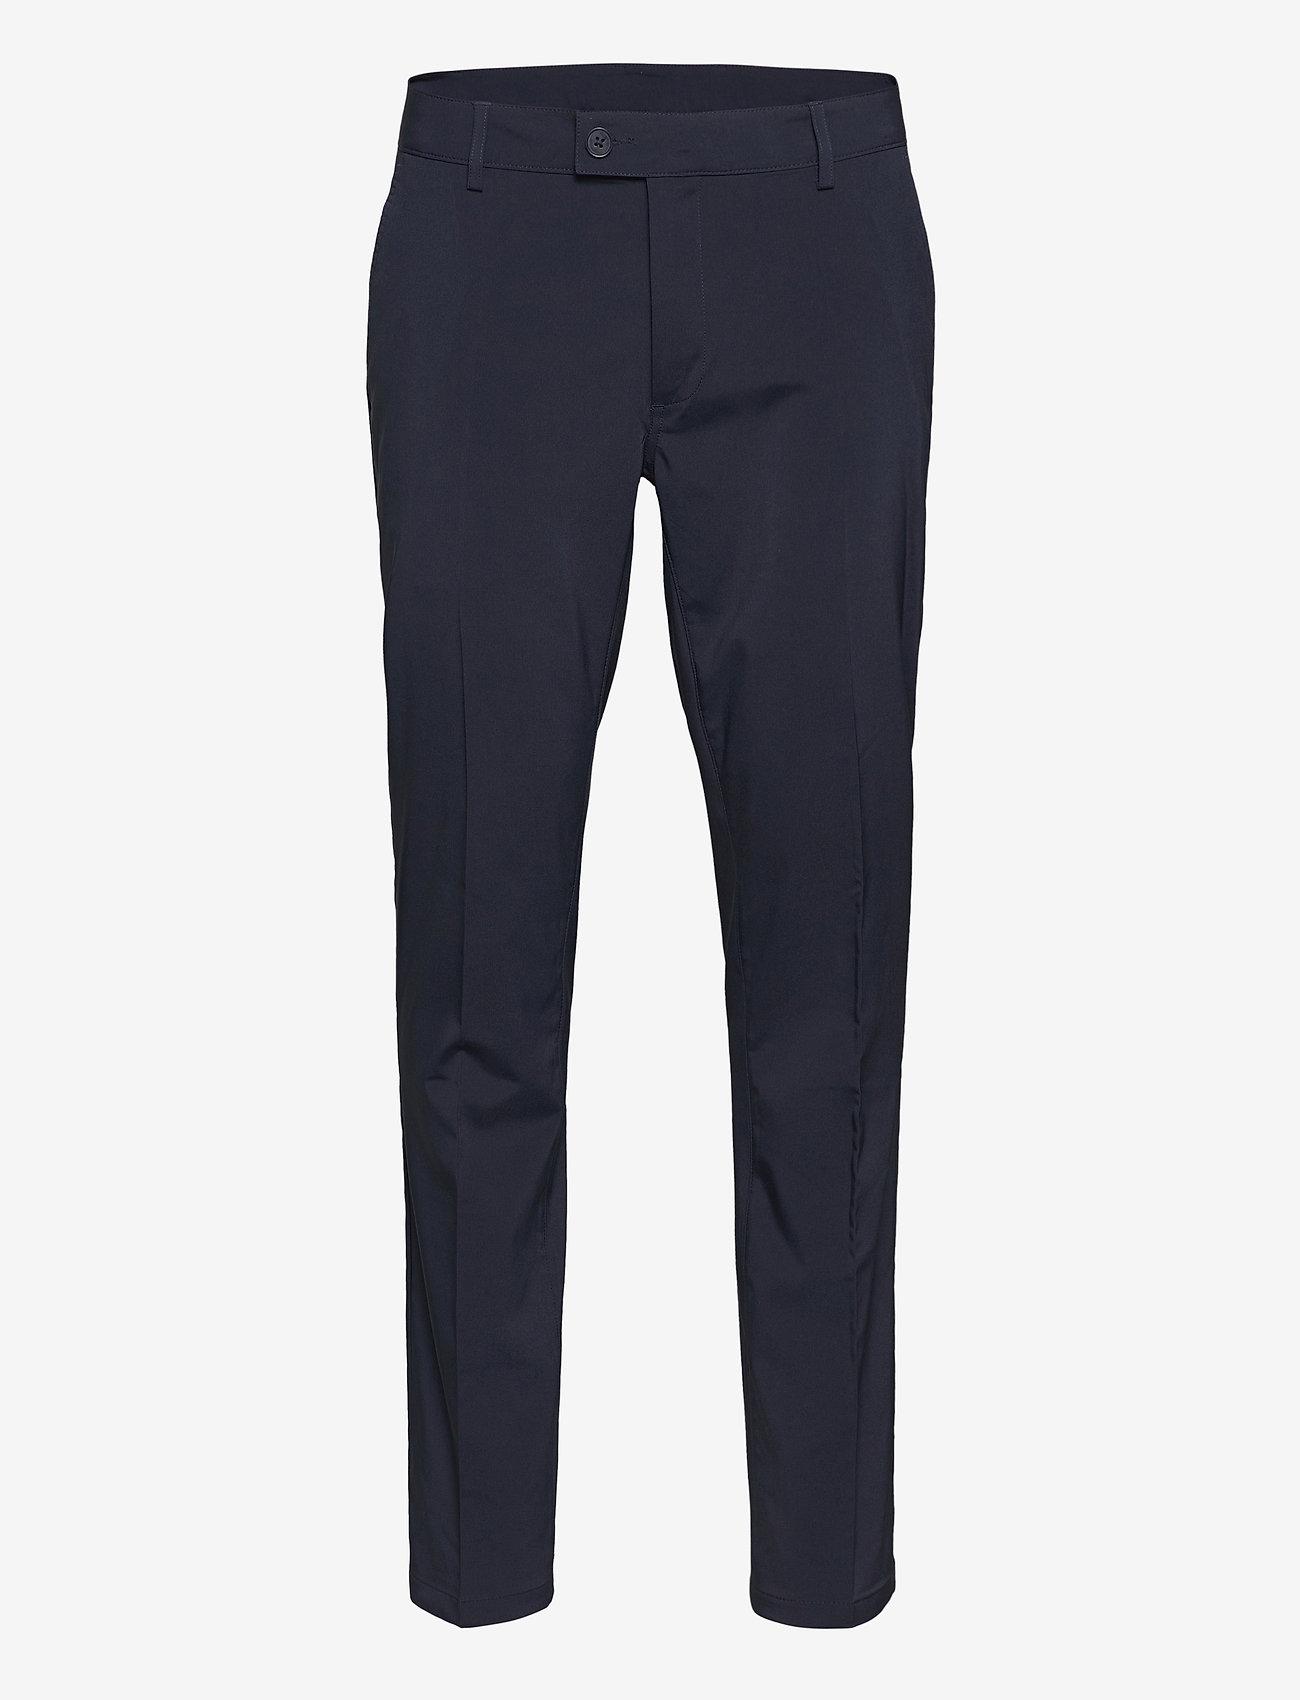 Abacus - Mens Cleek stretch trousers - golfbroeken - navy - 0